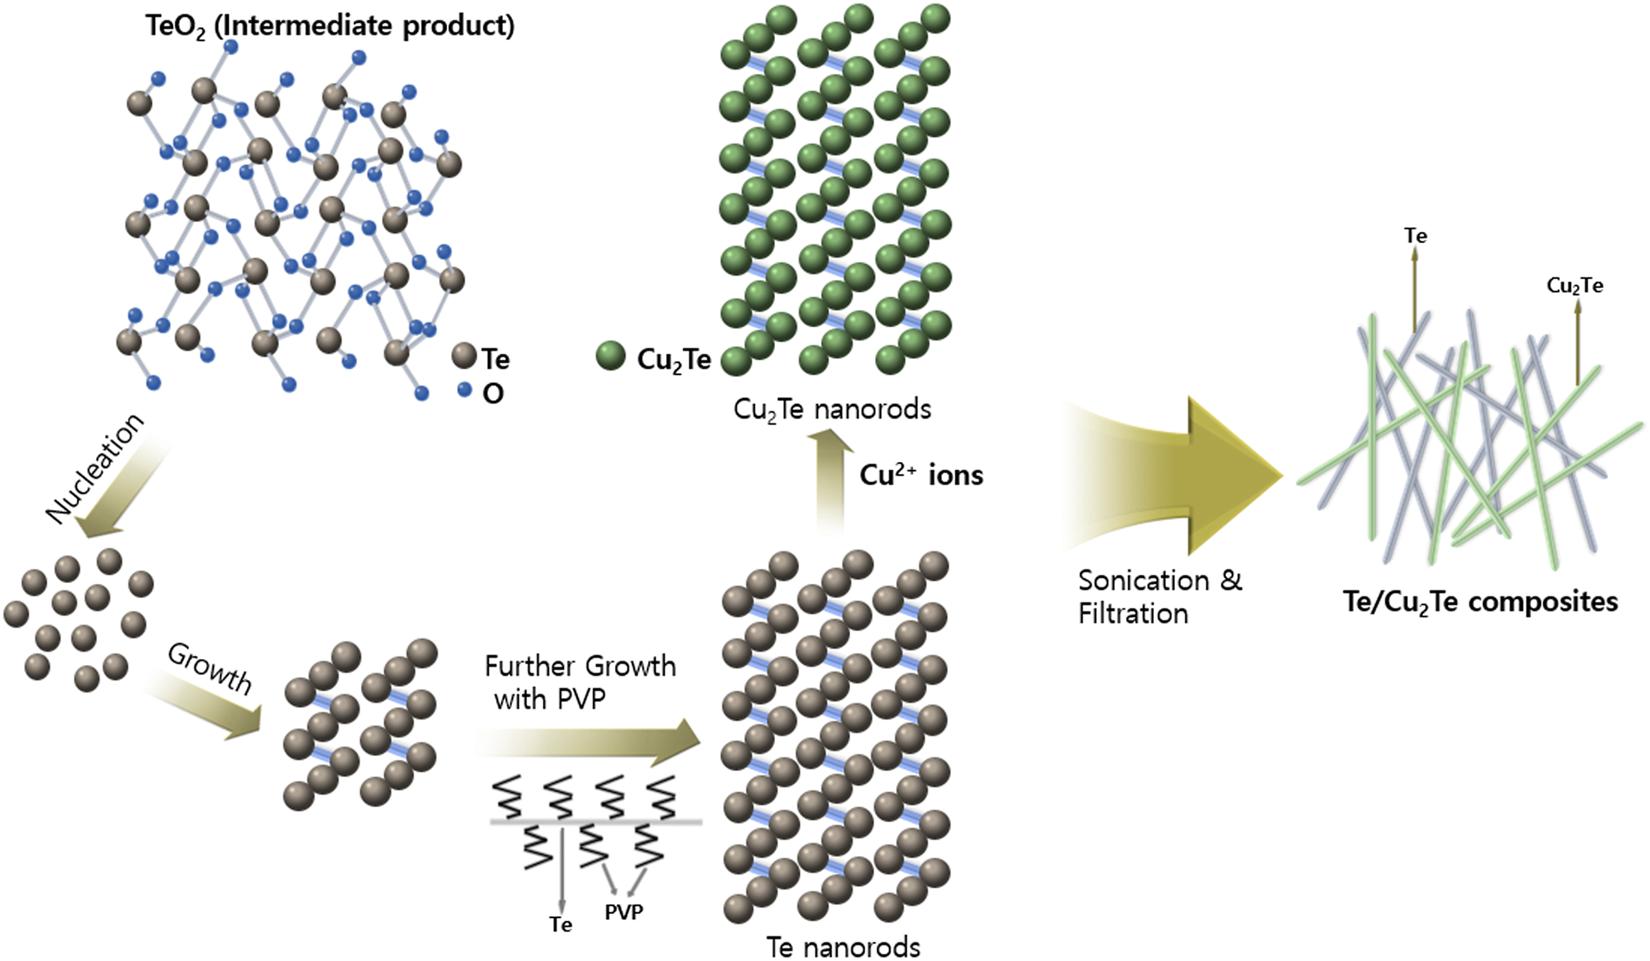 Nowy Jork sekcja specjalna informacje dla Facile fabrication of one-dimensional Te/Cu 2 Te nanorod ...